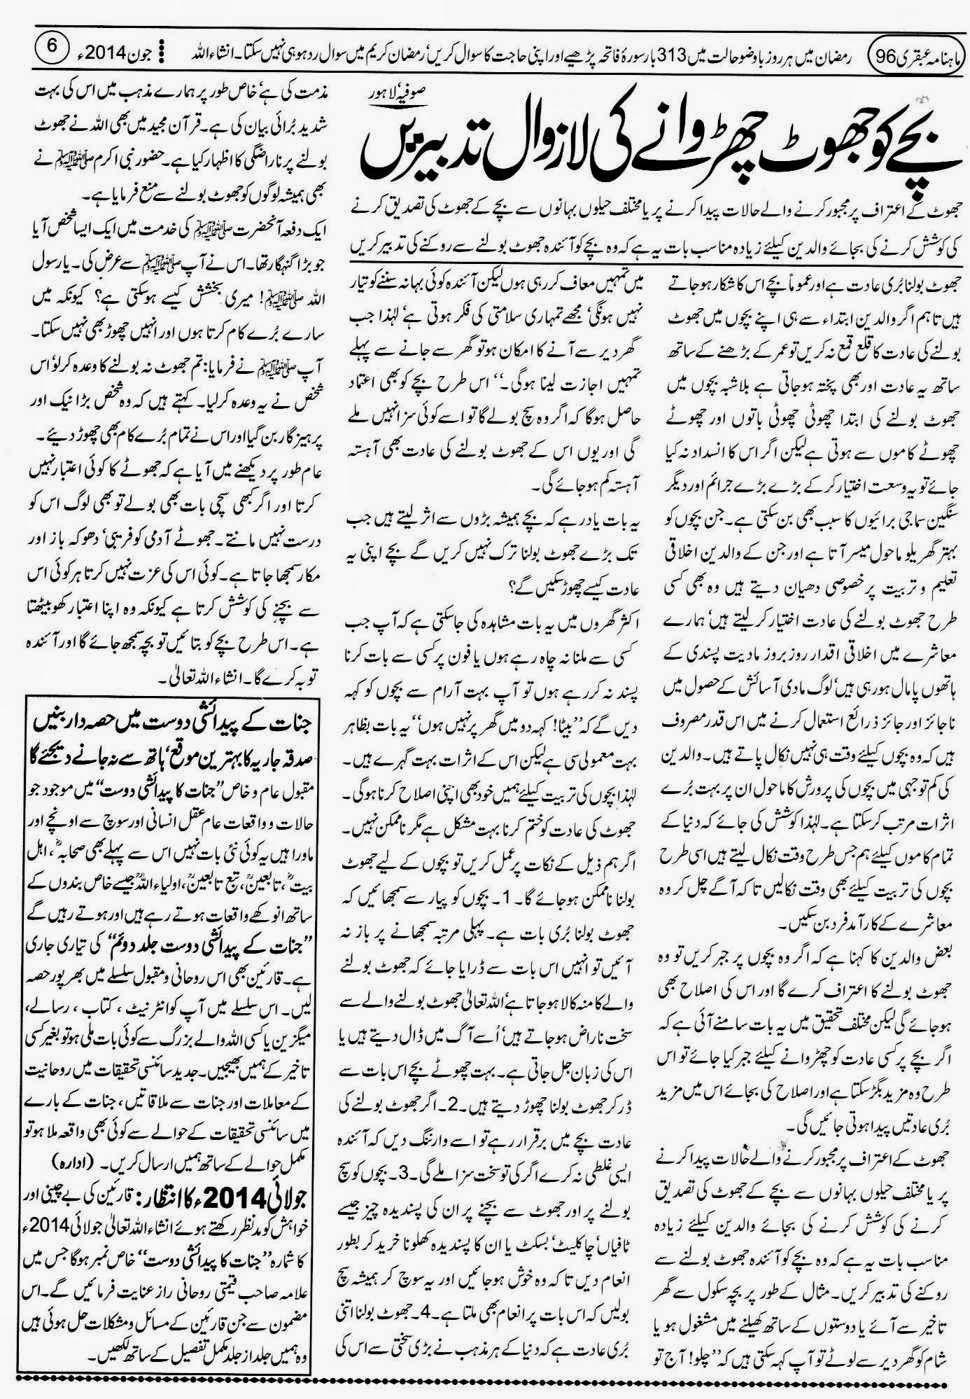 ubqari june 2014 page 6